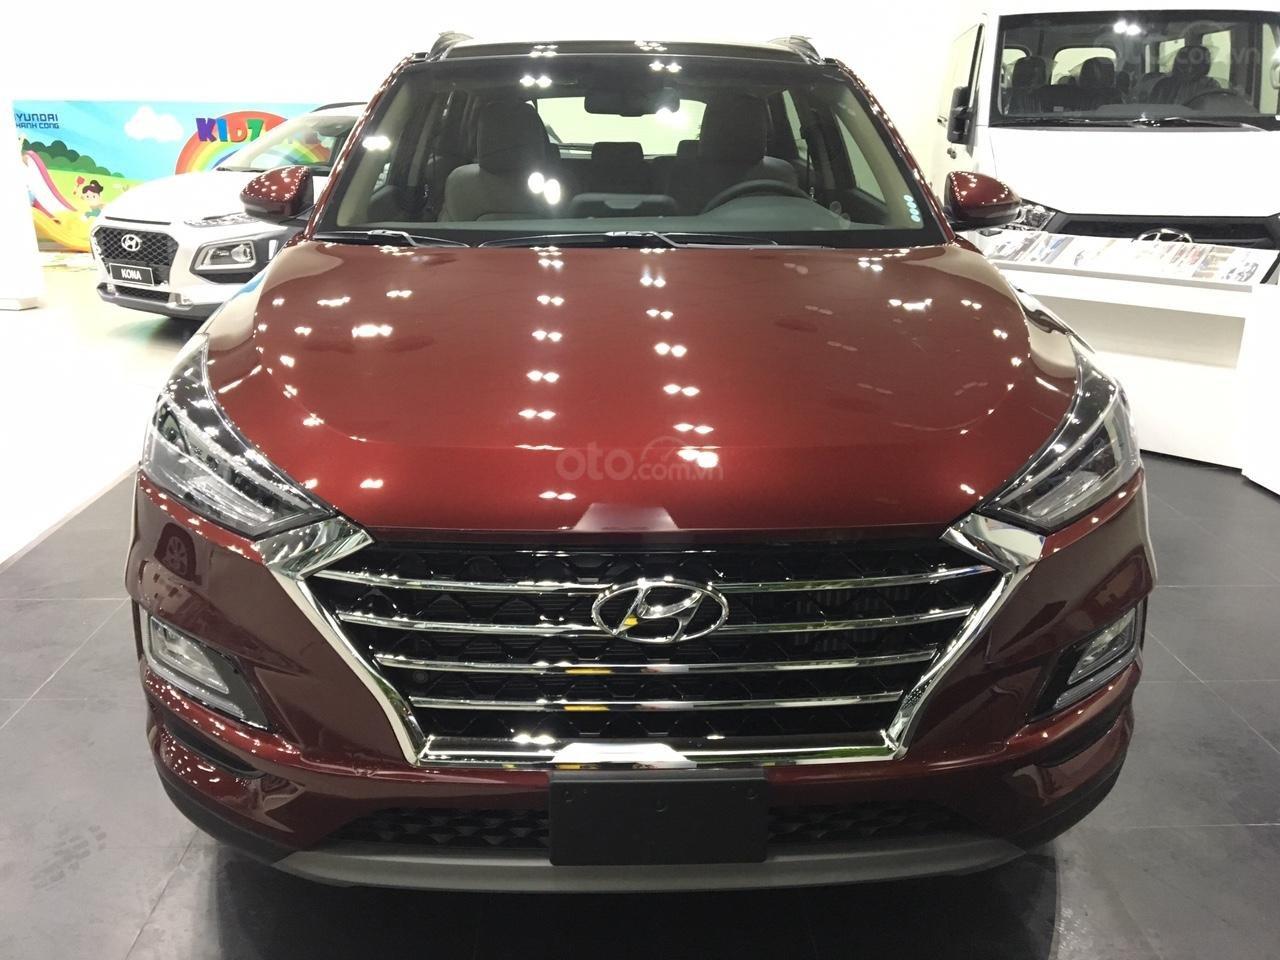 Hyundai Tucson 2019 giá tốt nhất thị trường, kèm nhiều ưu đãi, xe có sẵn giao ngay (2)